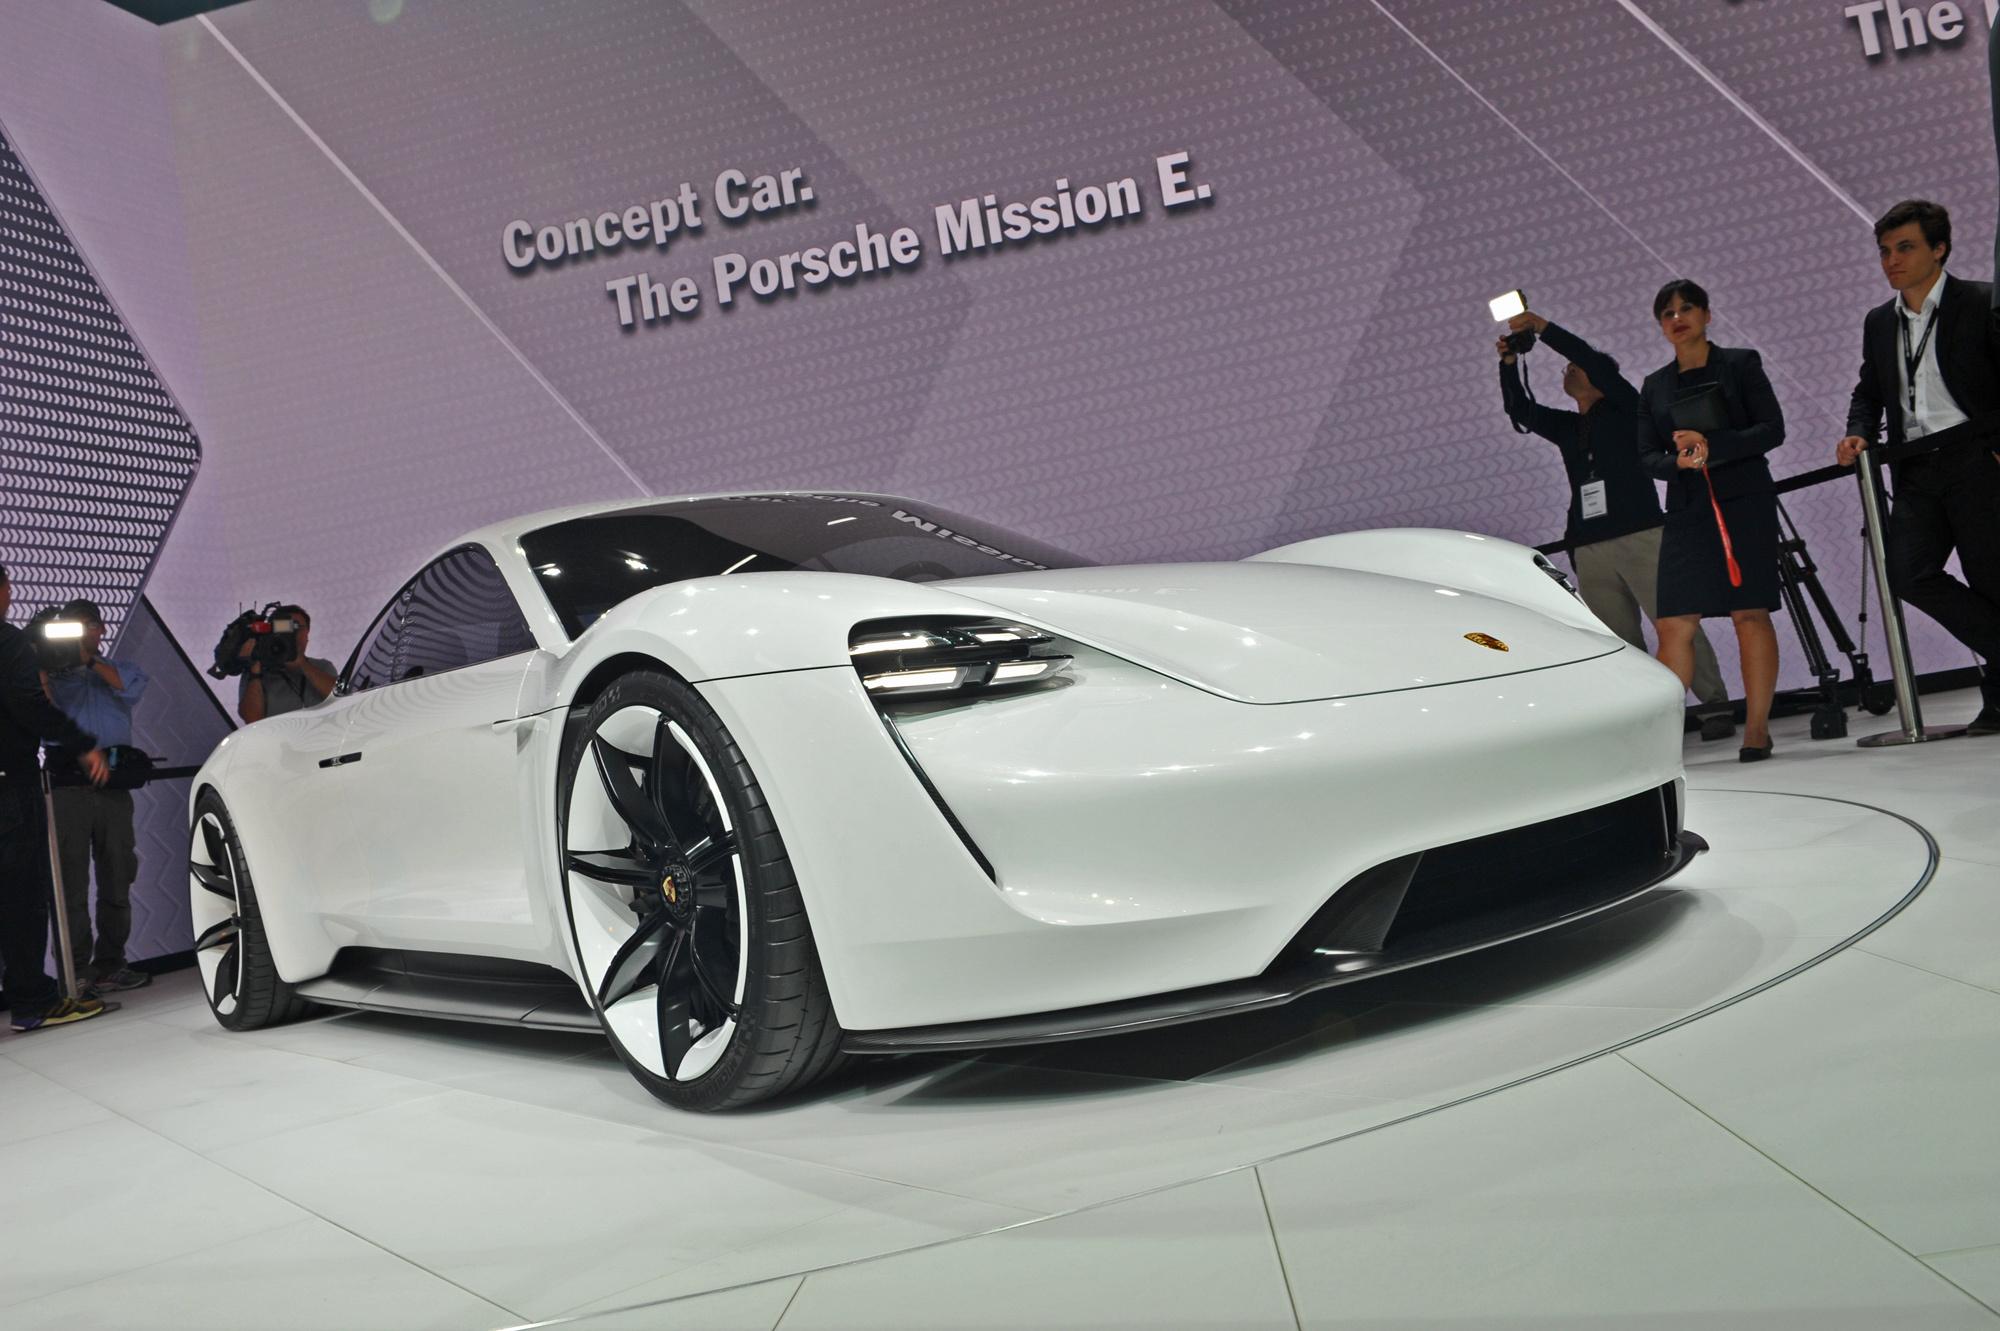 Porsche Mission E Images